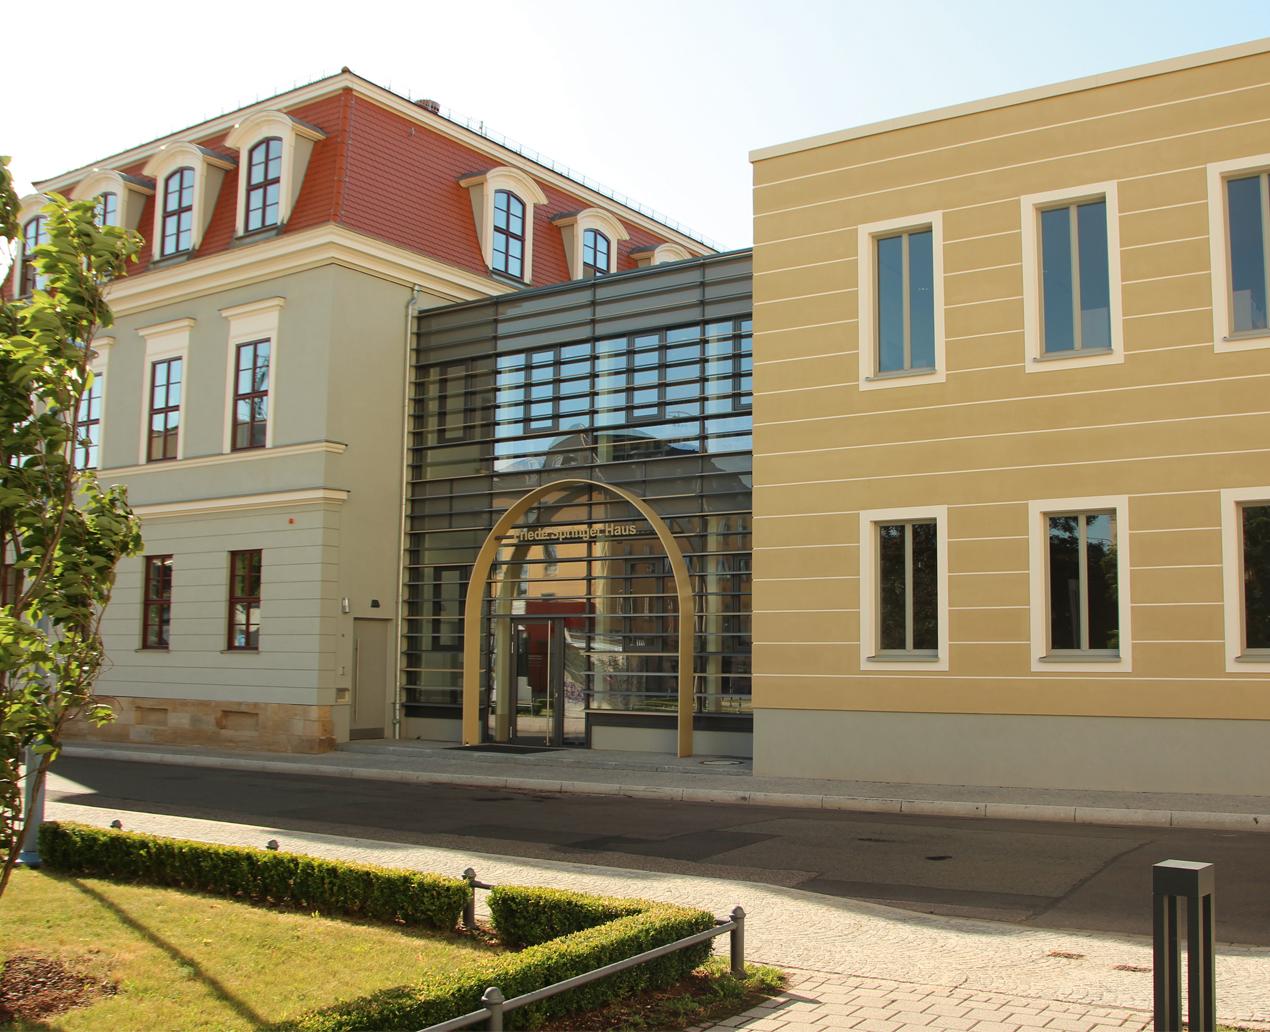 Stadtbibliothek Heinrich Heine  ©Archiv KulTourStadt Gotha GmbH